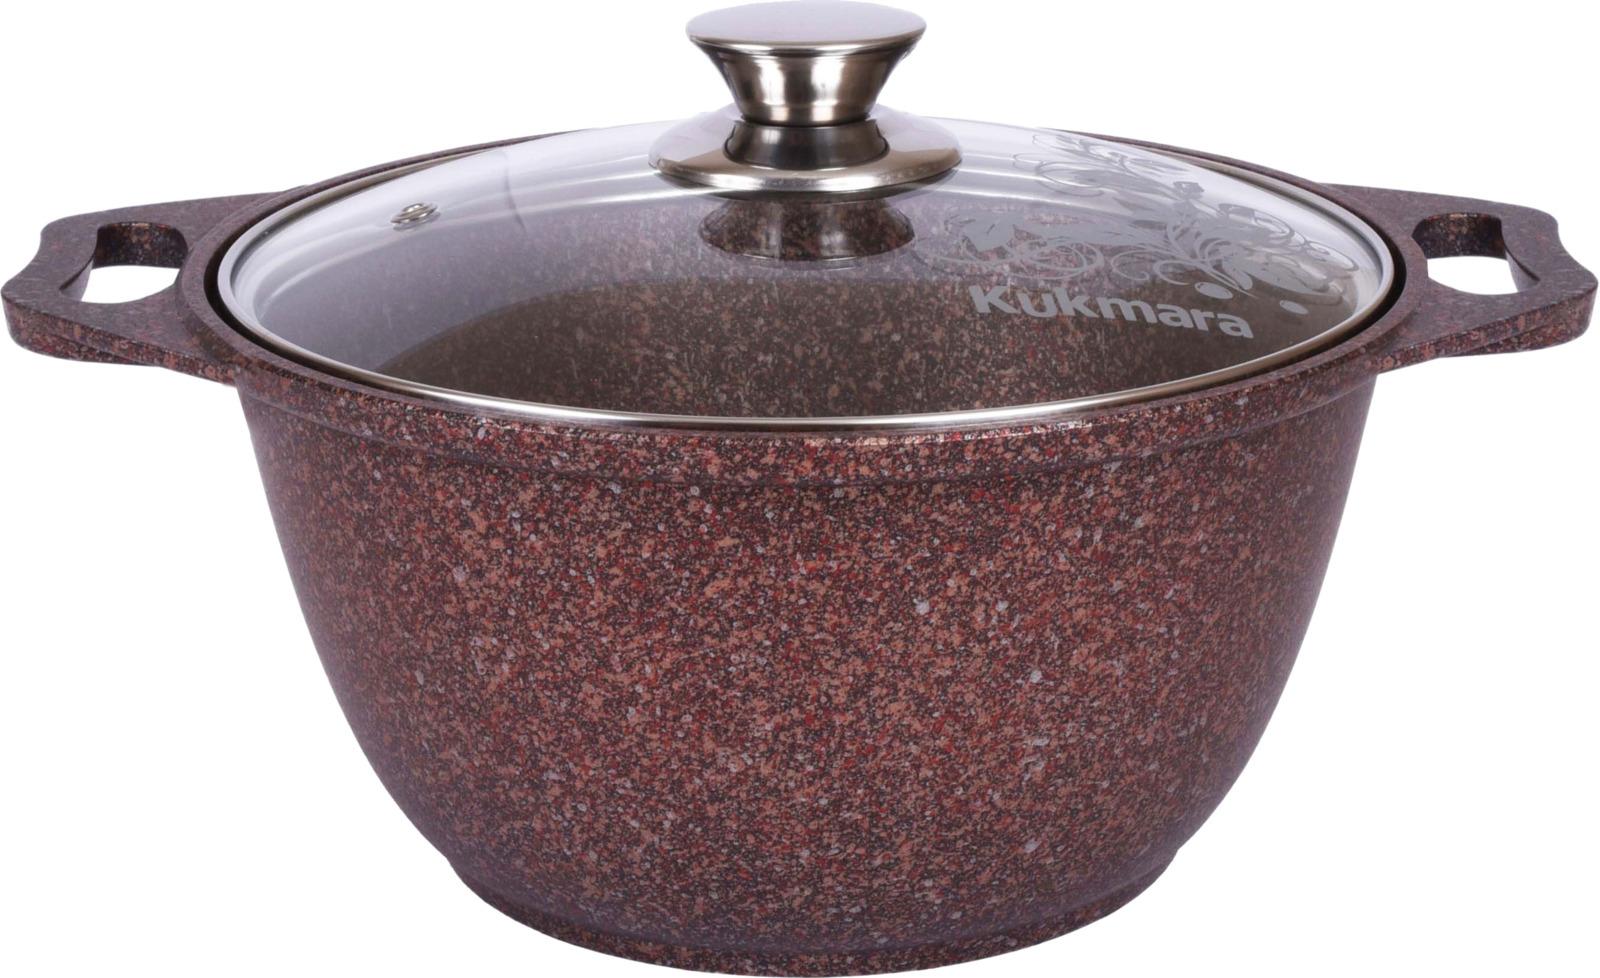 Кастрюля Kukmara Granit ultra, с мраморным антипригарным покрытием, с крышкой, цвет: коричнево-красный, 2 л кастрюля kukmara с крышкой с антипригарным покрытием цвет темный мрамор 3 л